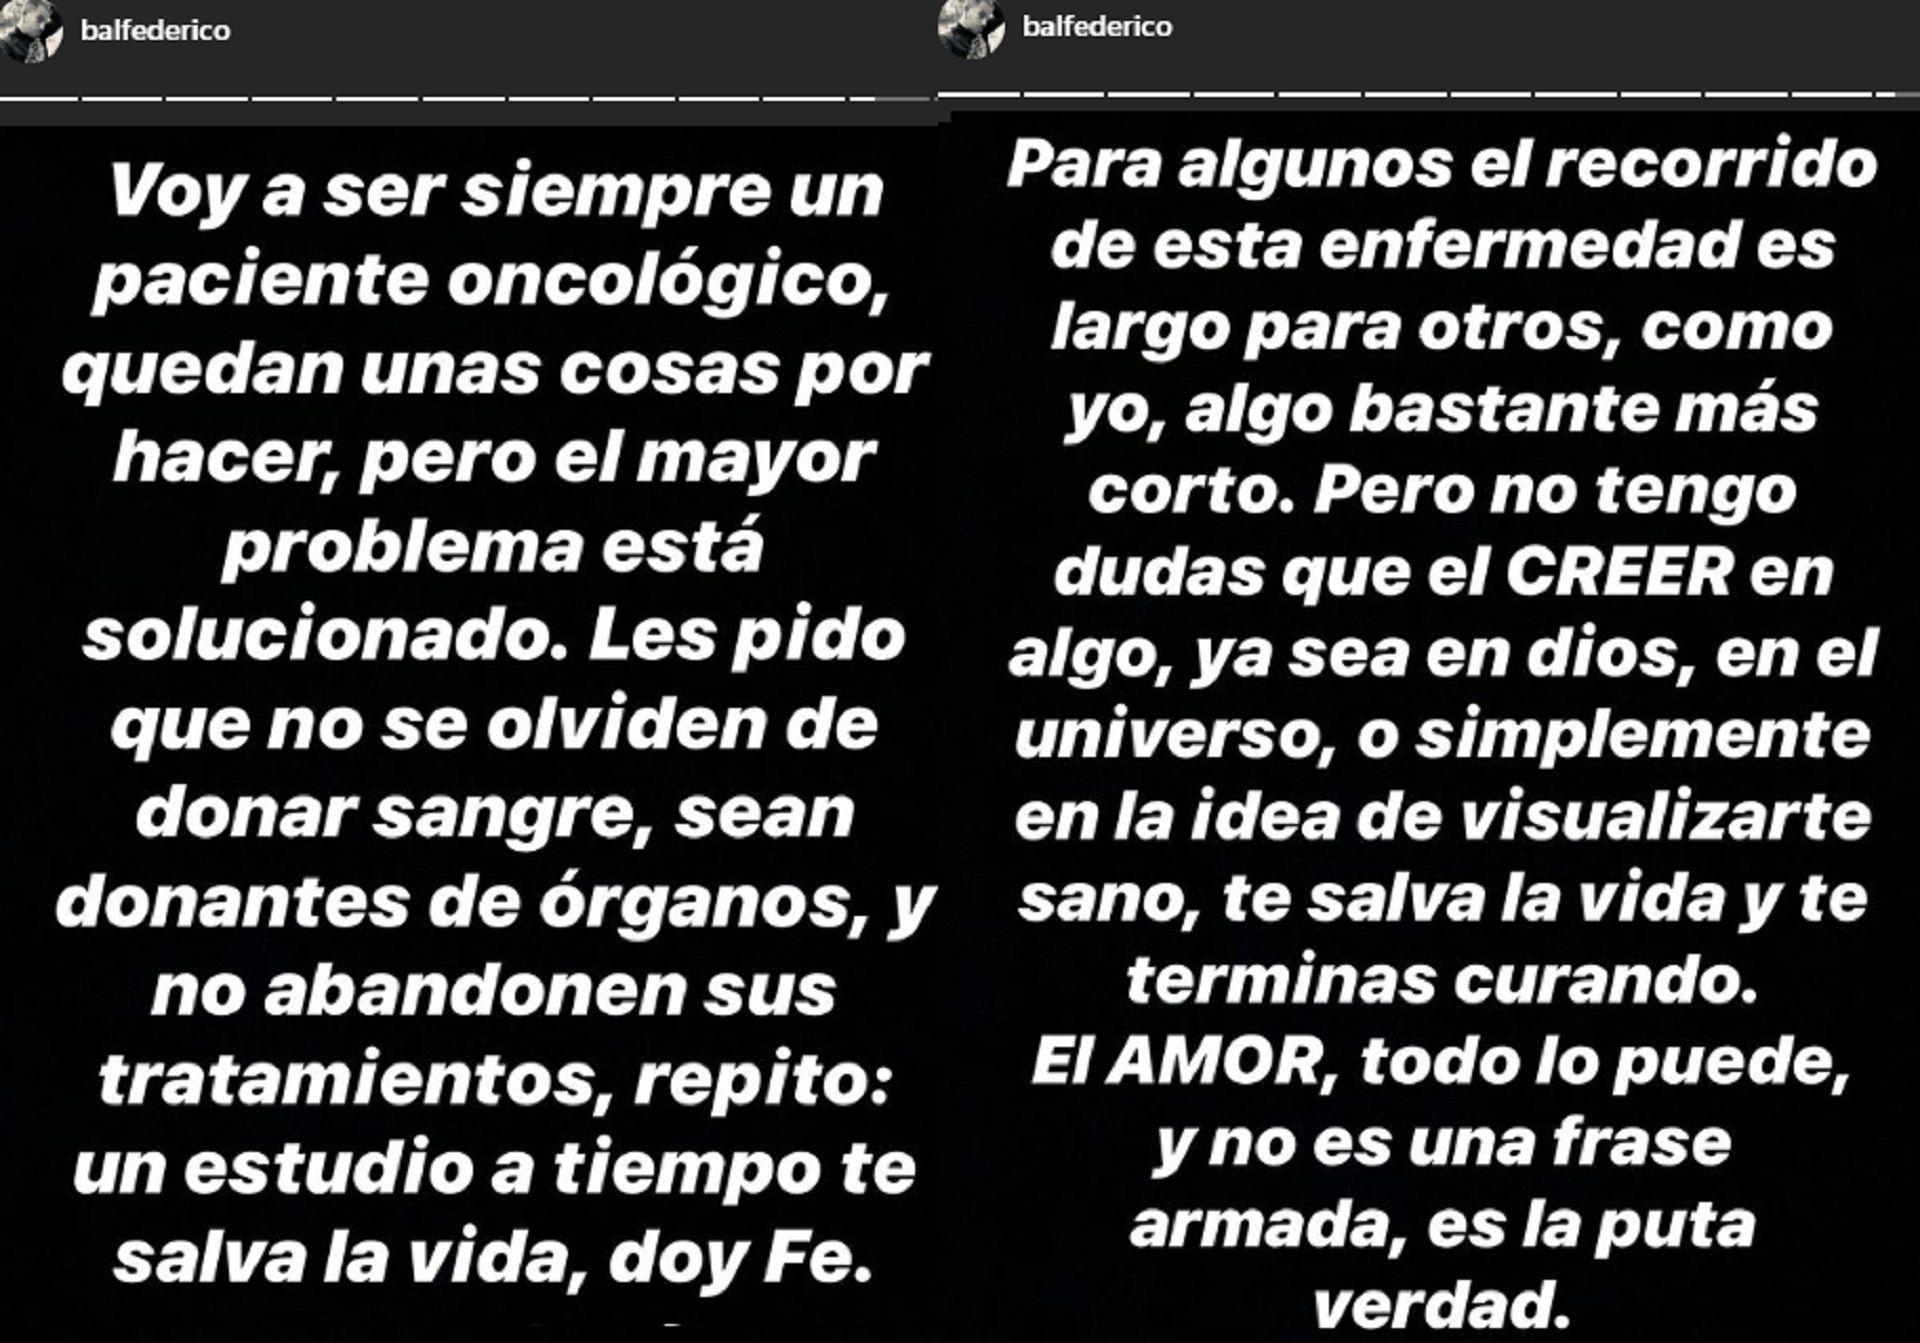 El mensaje de Fede Bal en su Instagram Stories